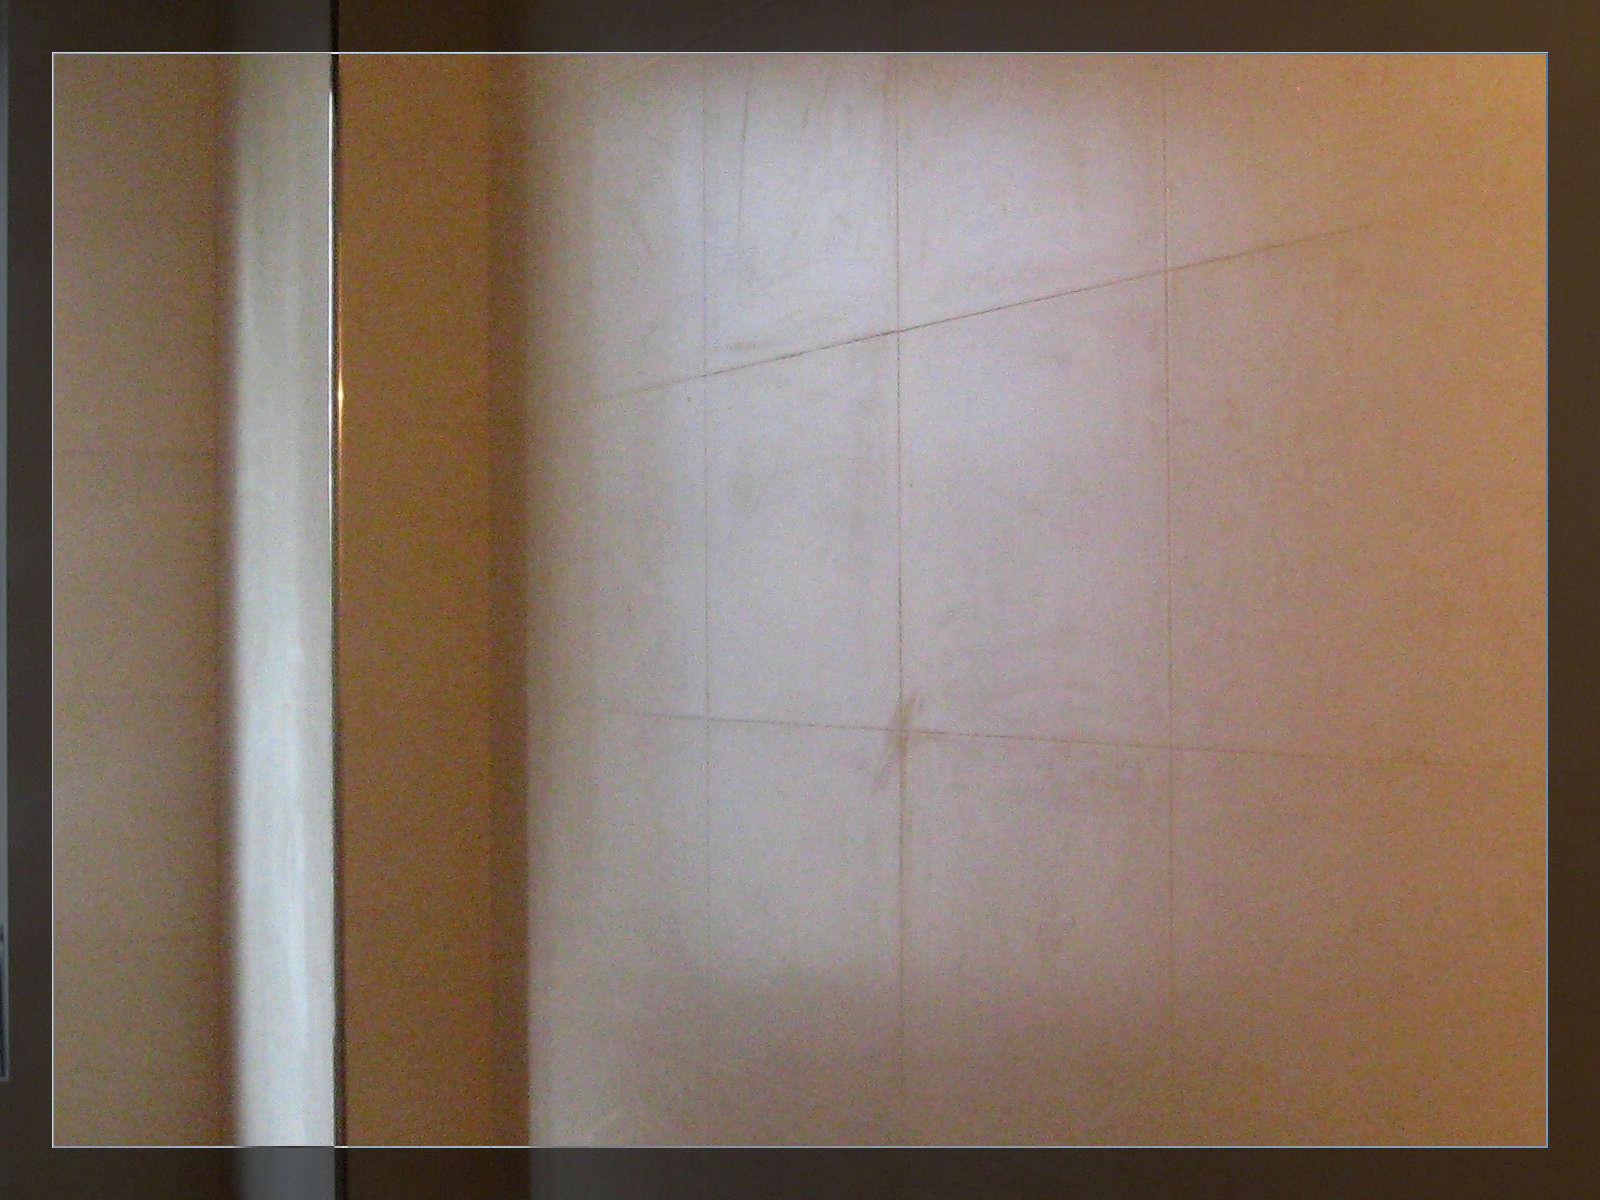 卫生间墙砖上墙了,相机不行,拍不出最佳效果,等后期灯具安装后